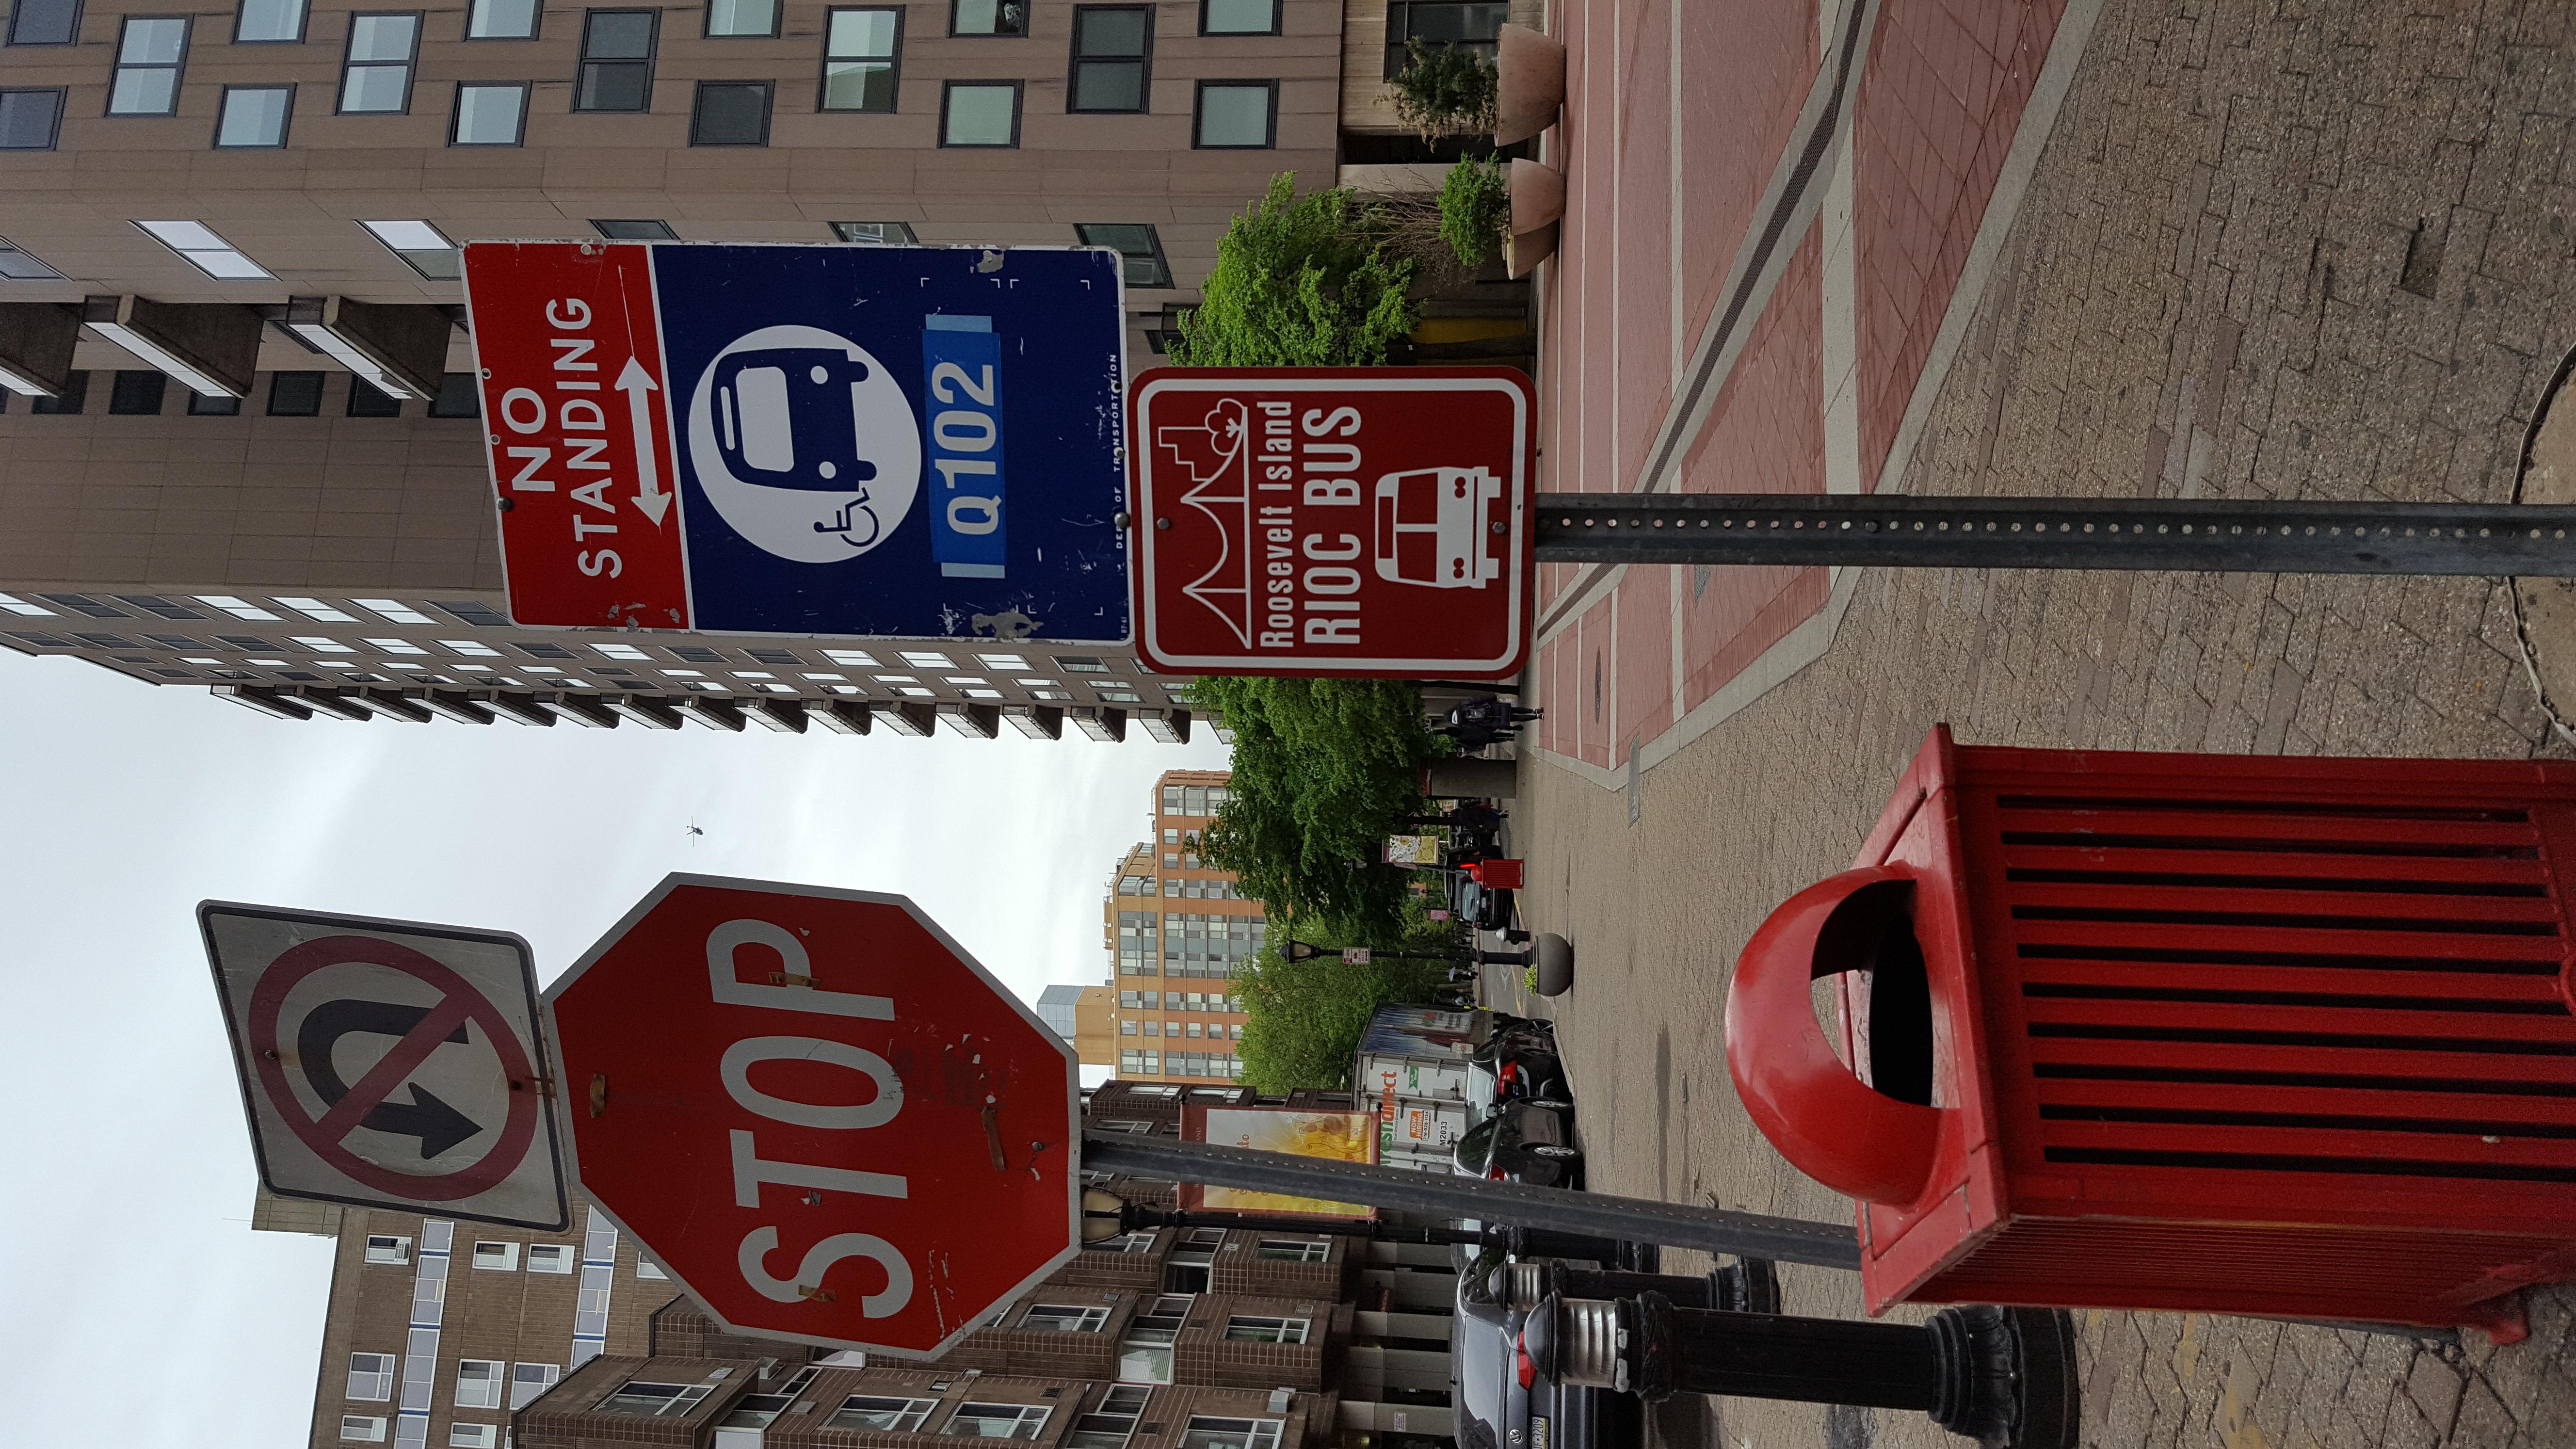 mlr-signs